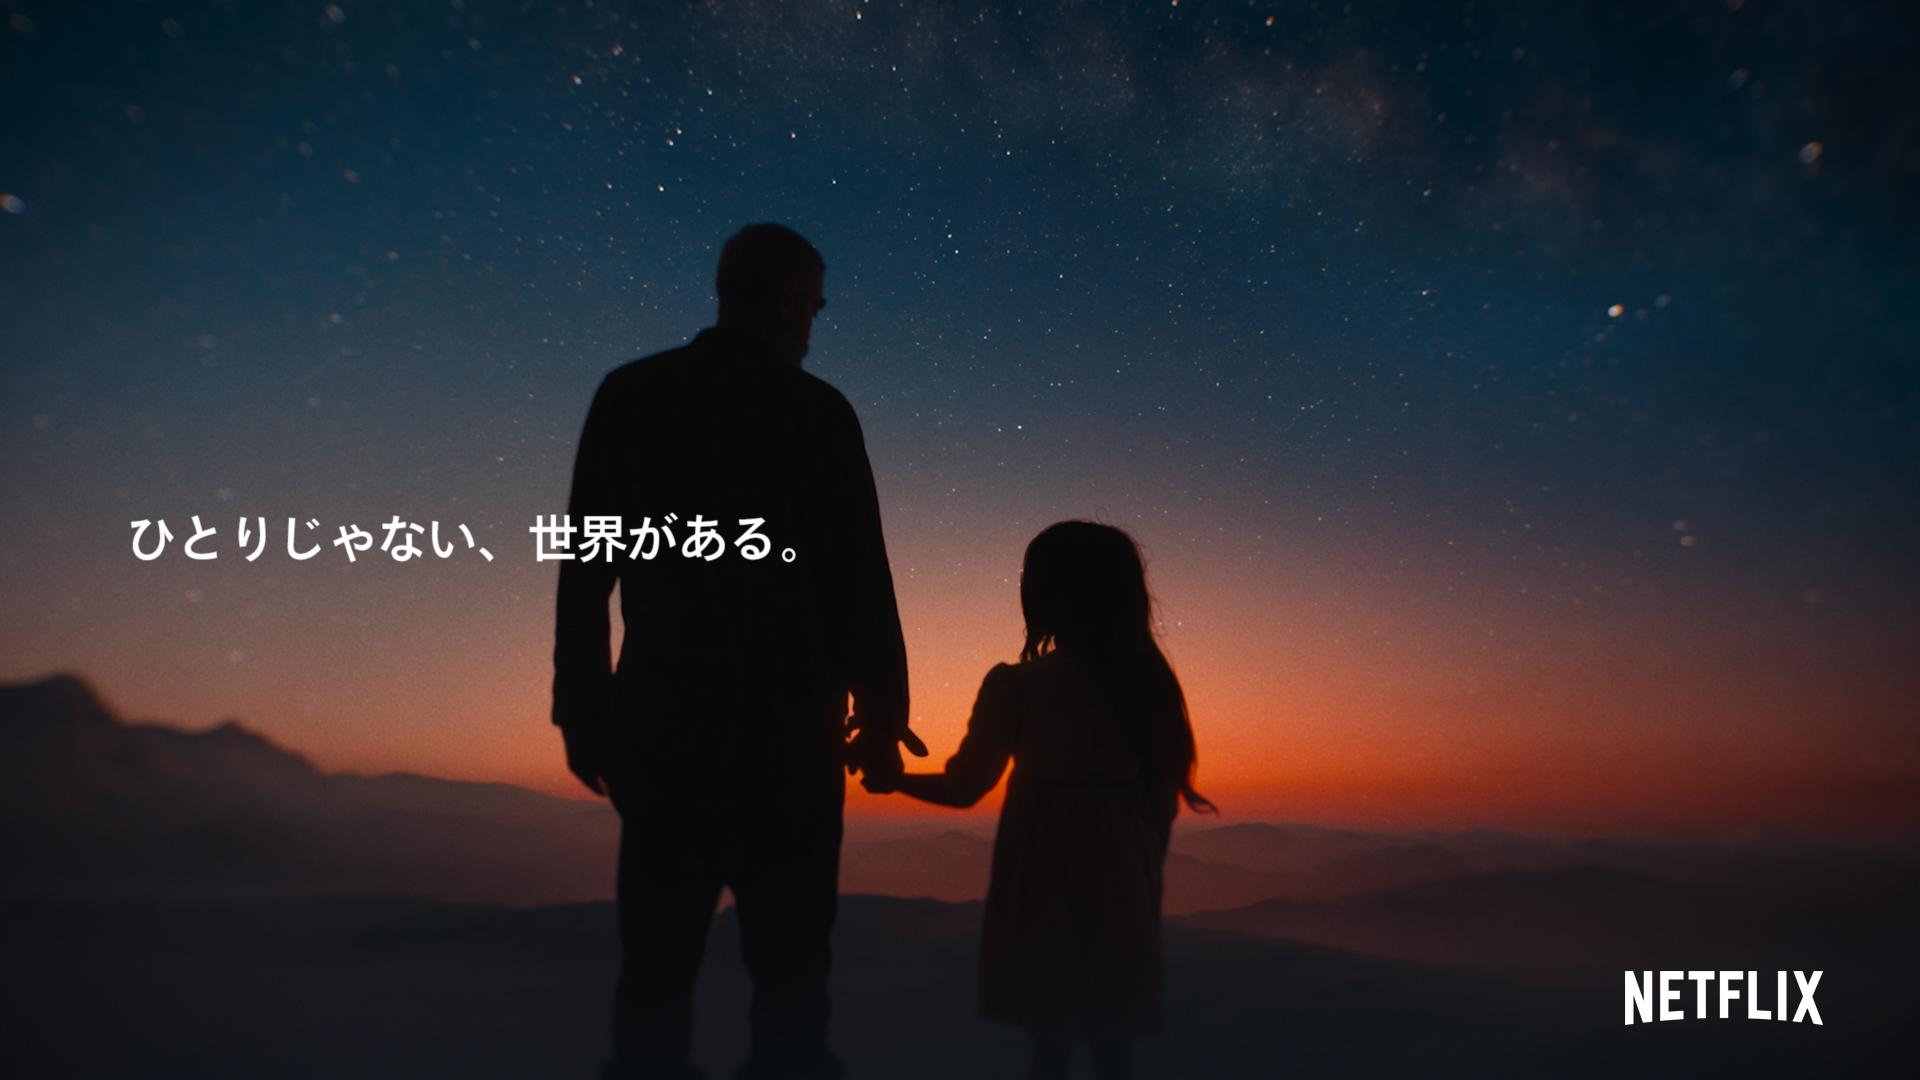 17_Netflix_web